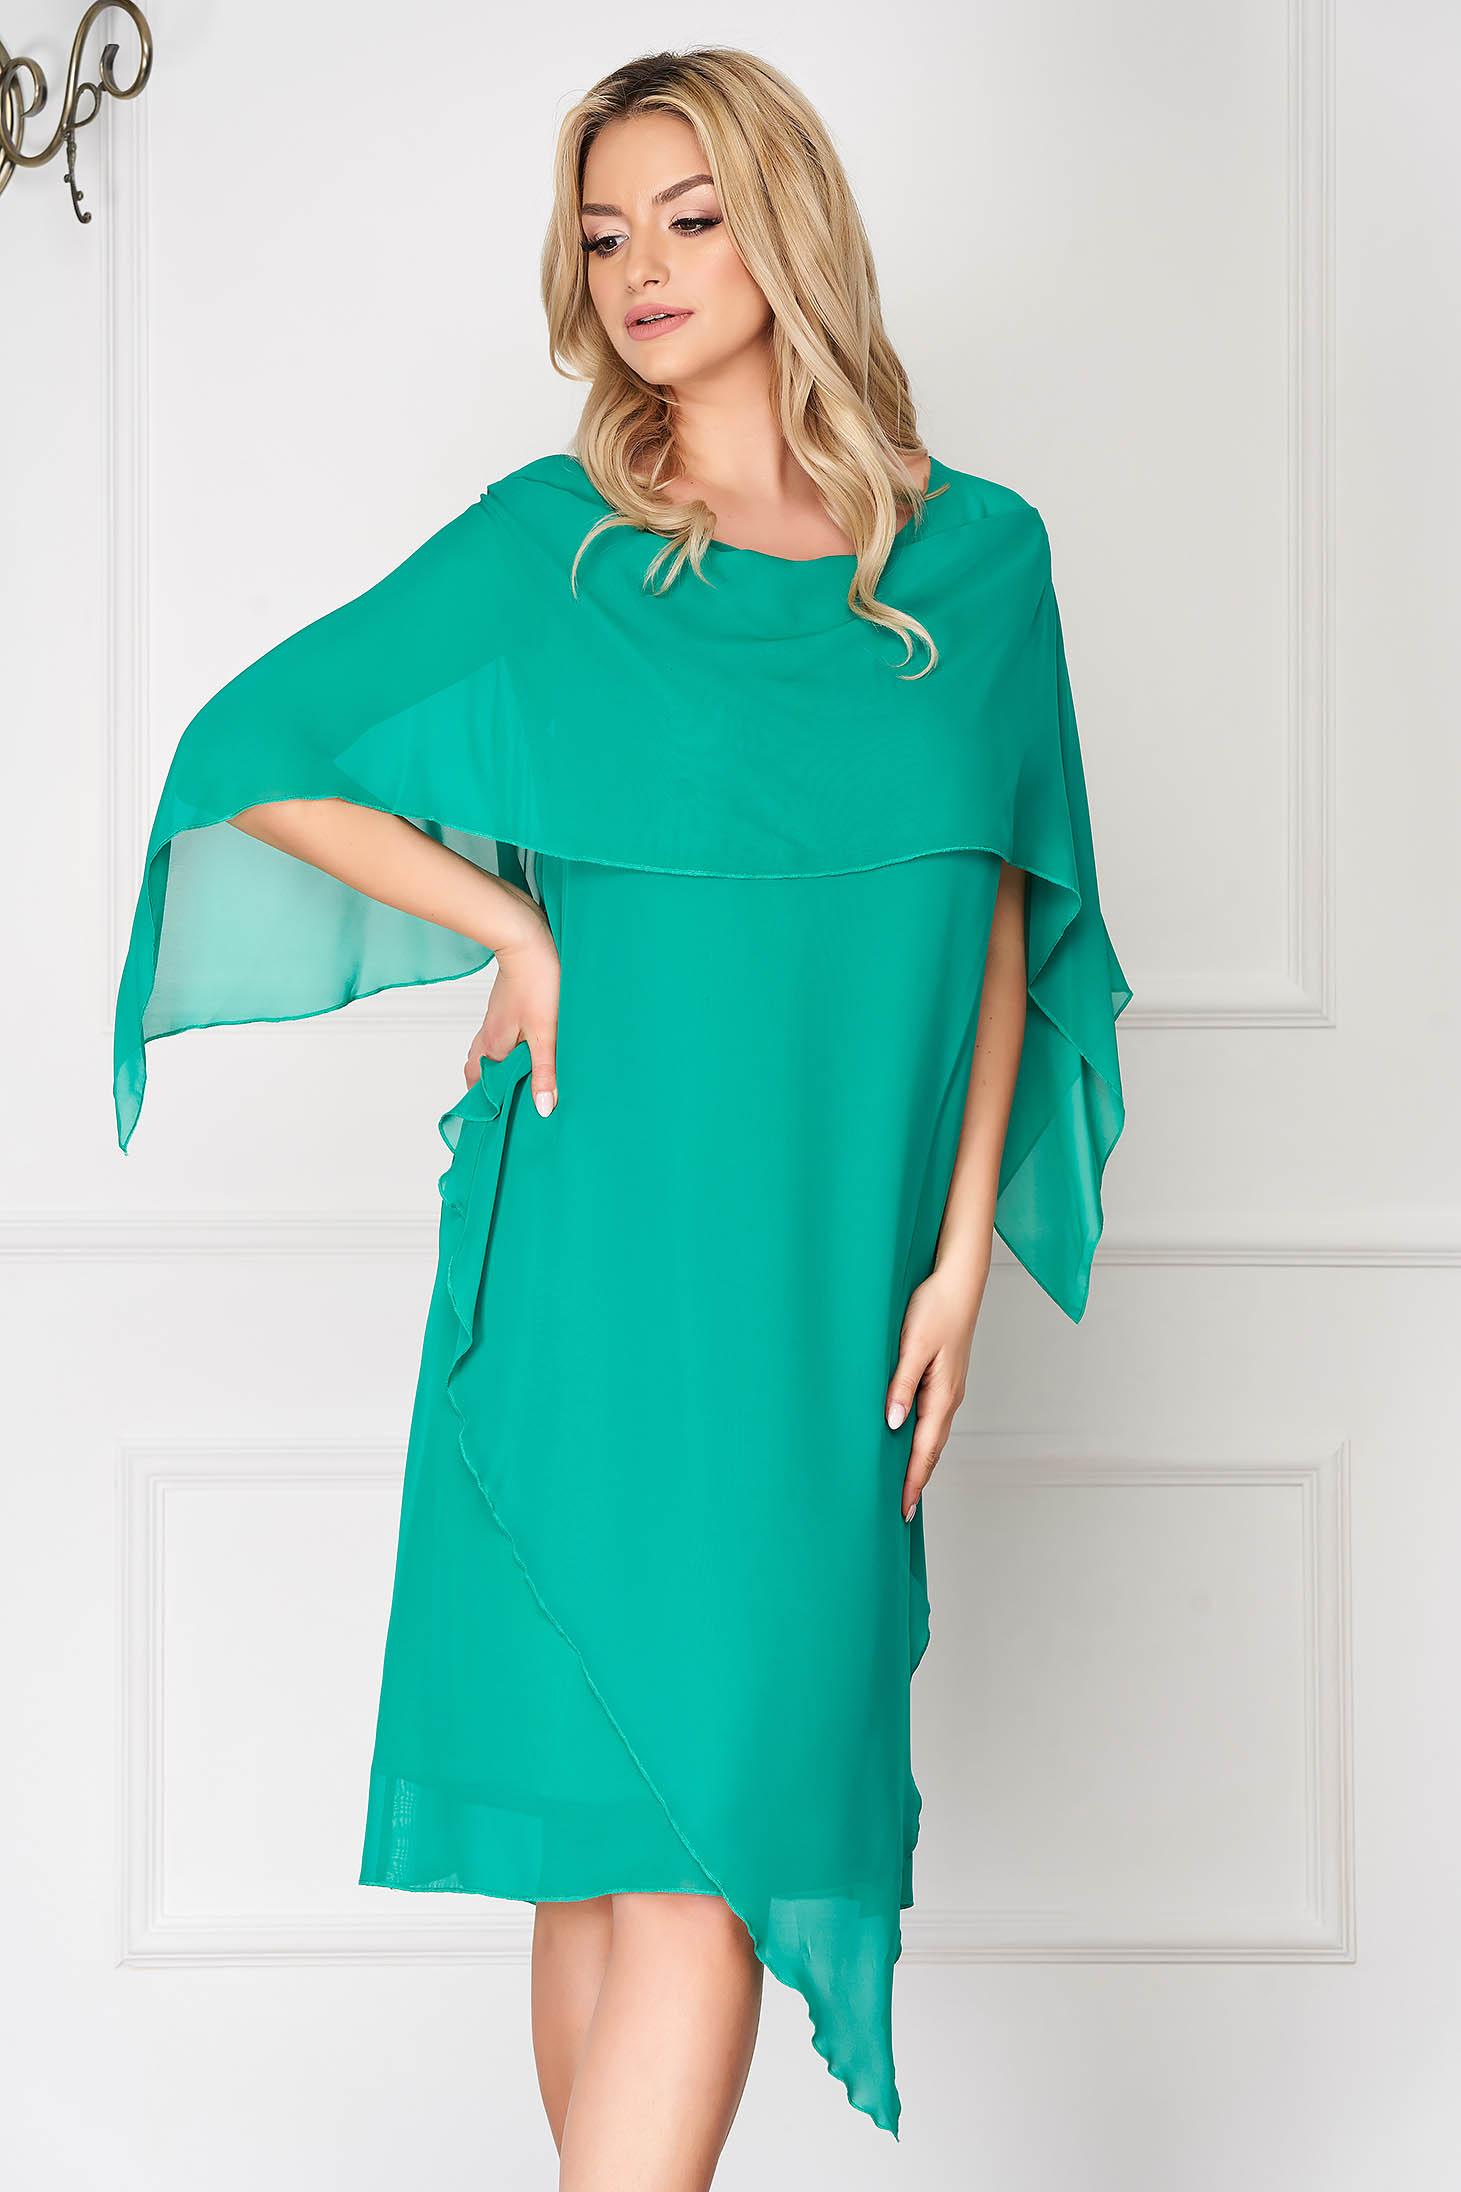 Rochie verde eleganta asimetrica din voal cu un croi drept si suprapunere cu voal